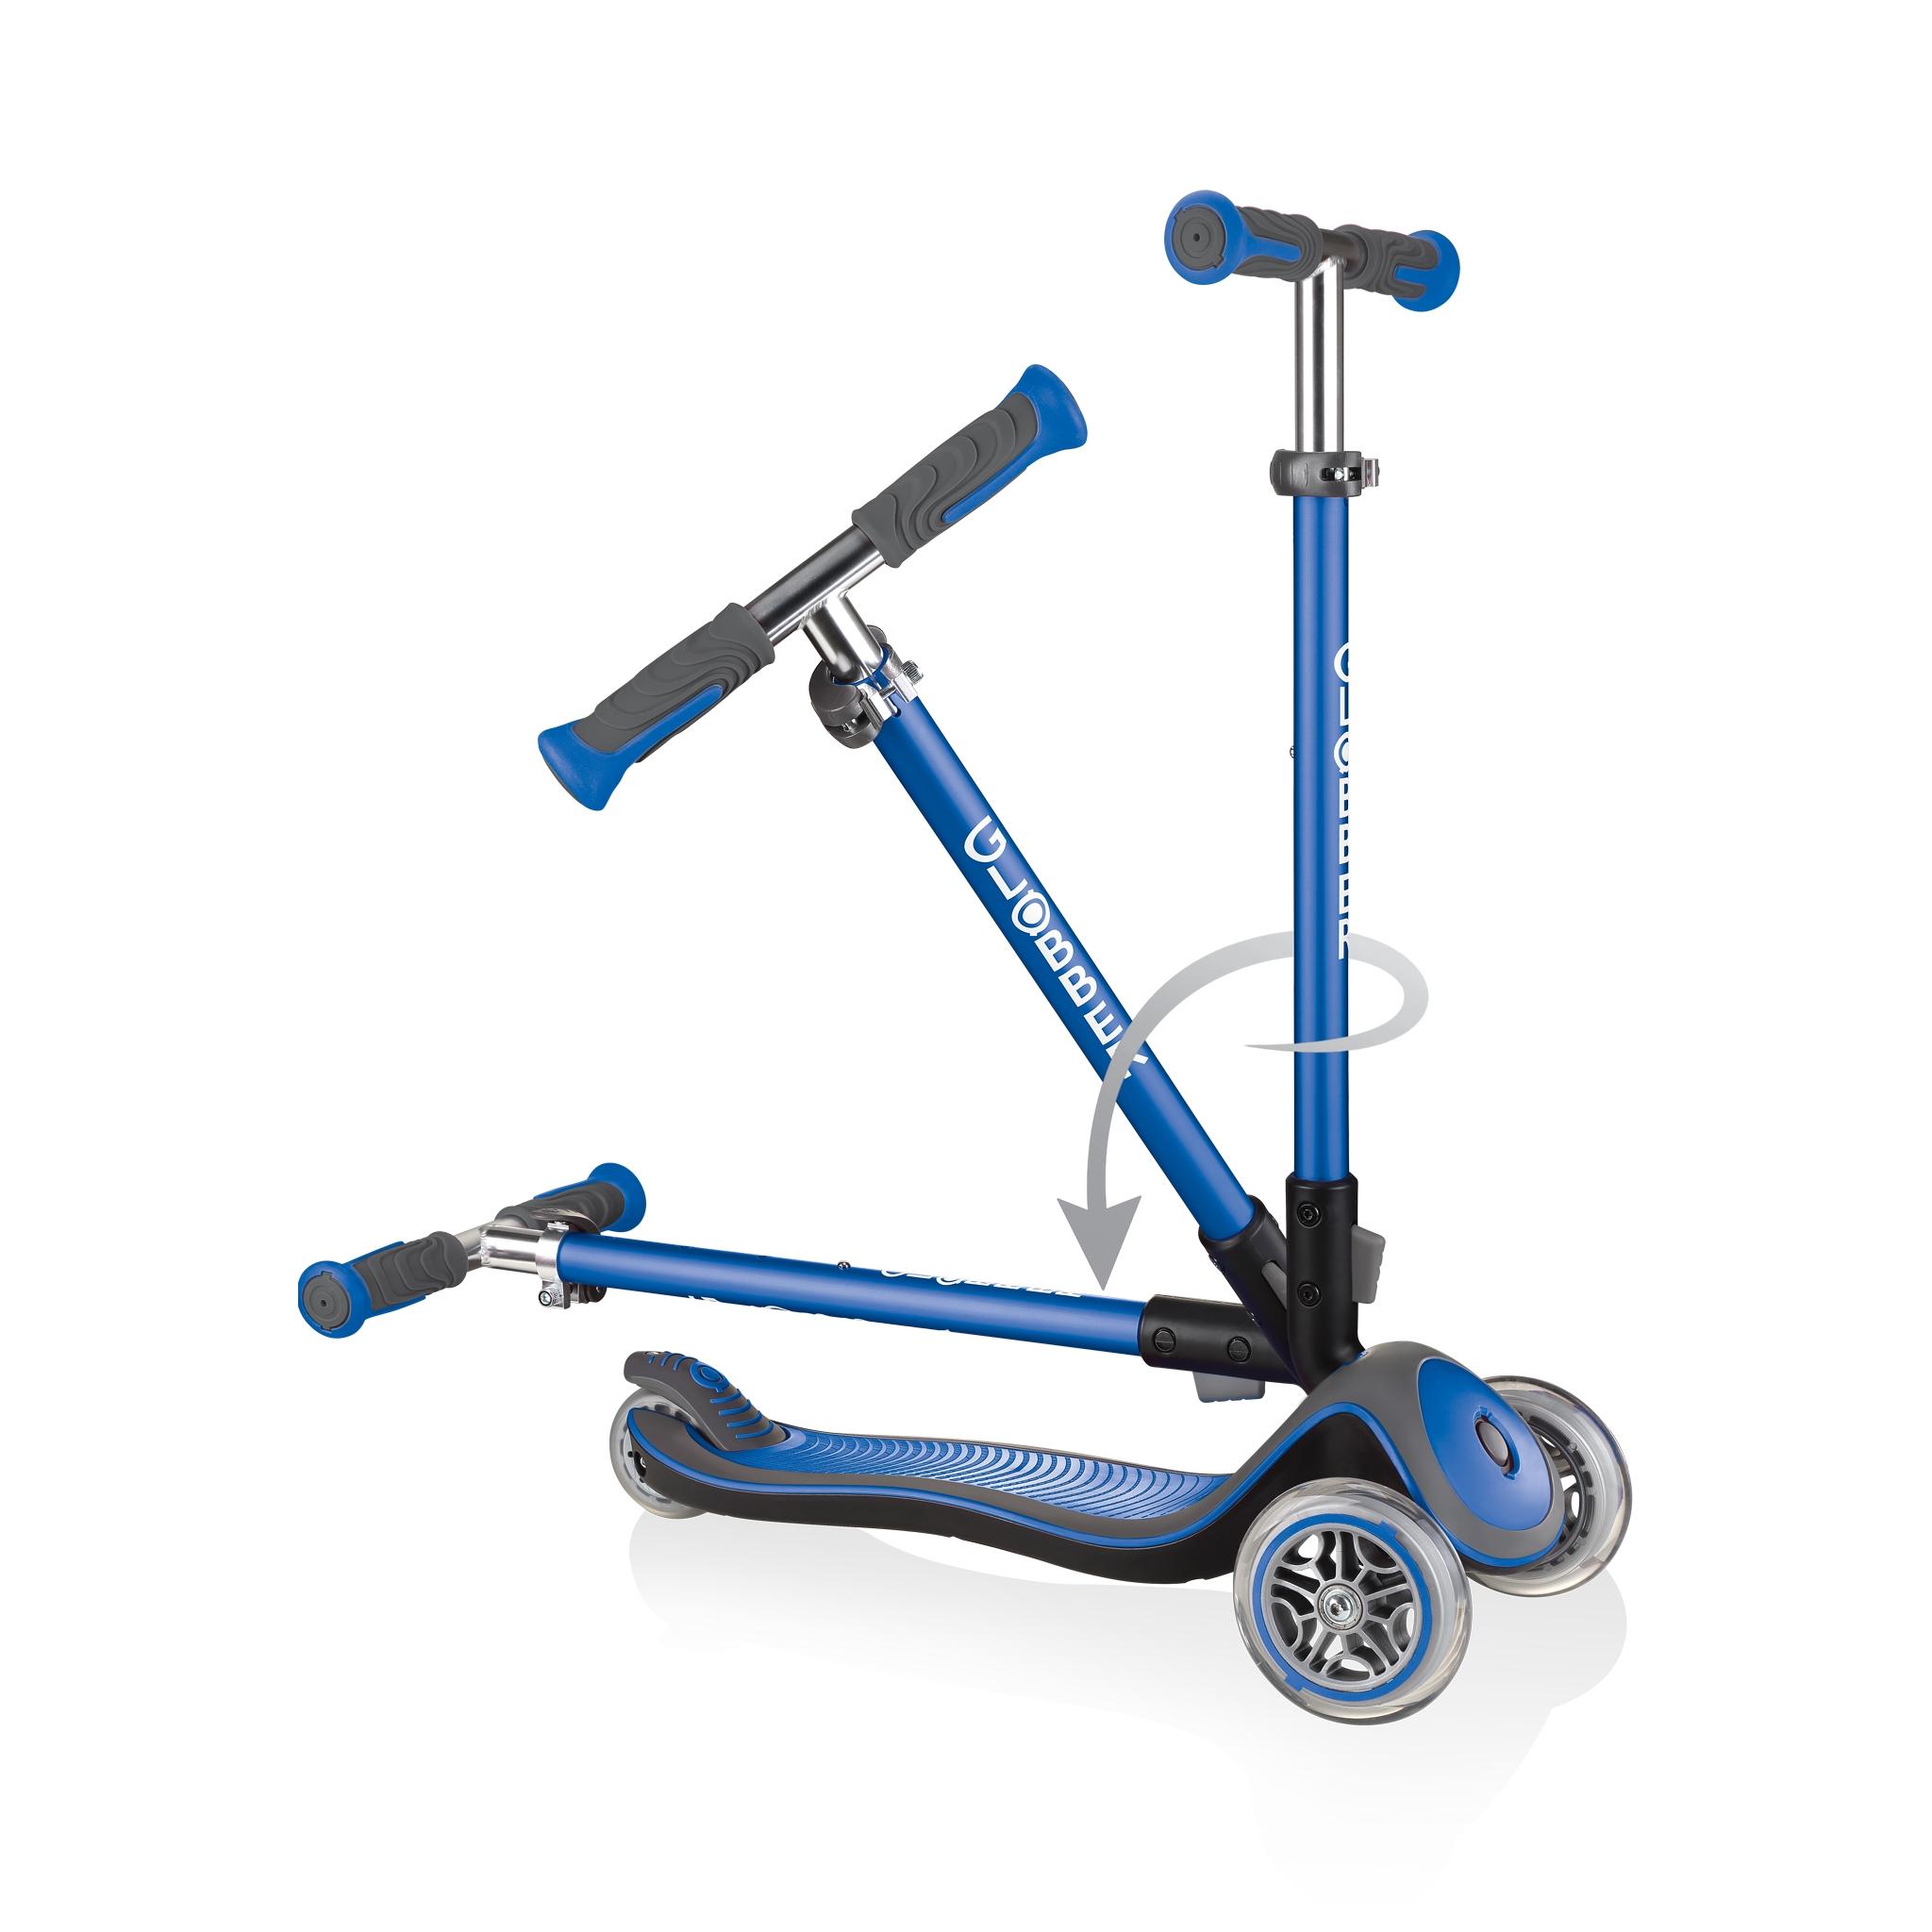 Globber-ELITE-DELUXE-3-wheel-fold-up-scooter-for-kids-navy-blue 2